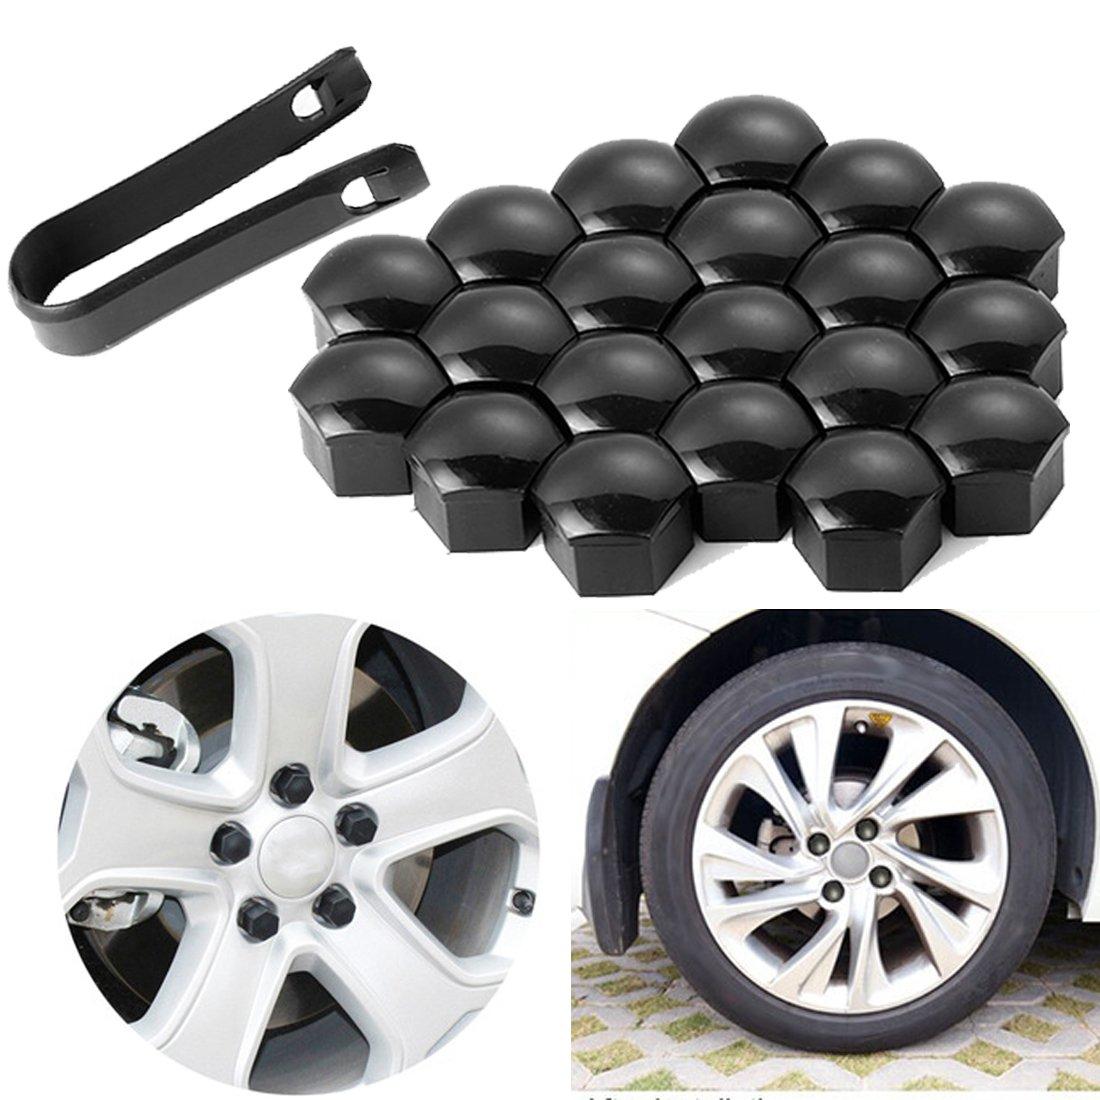 NOTENS 20 piezas tapas de tapas de nueces de coche 17 mm tuercas de rueda tornillos de cabezales de tuercas tapas con herramienta de eliminación: Amazon.es: ...